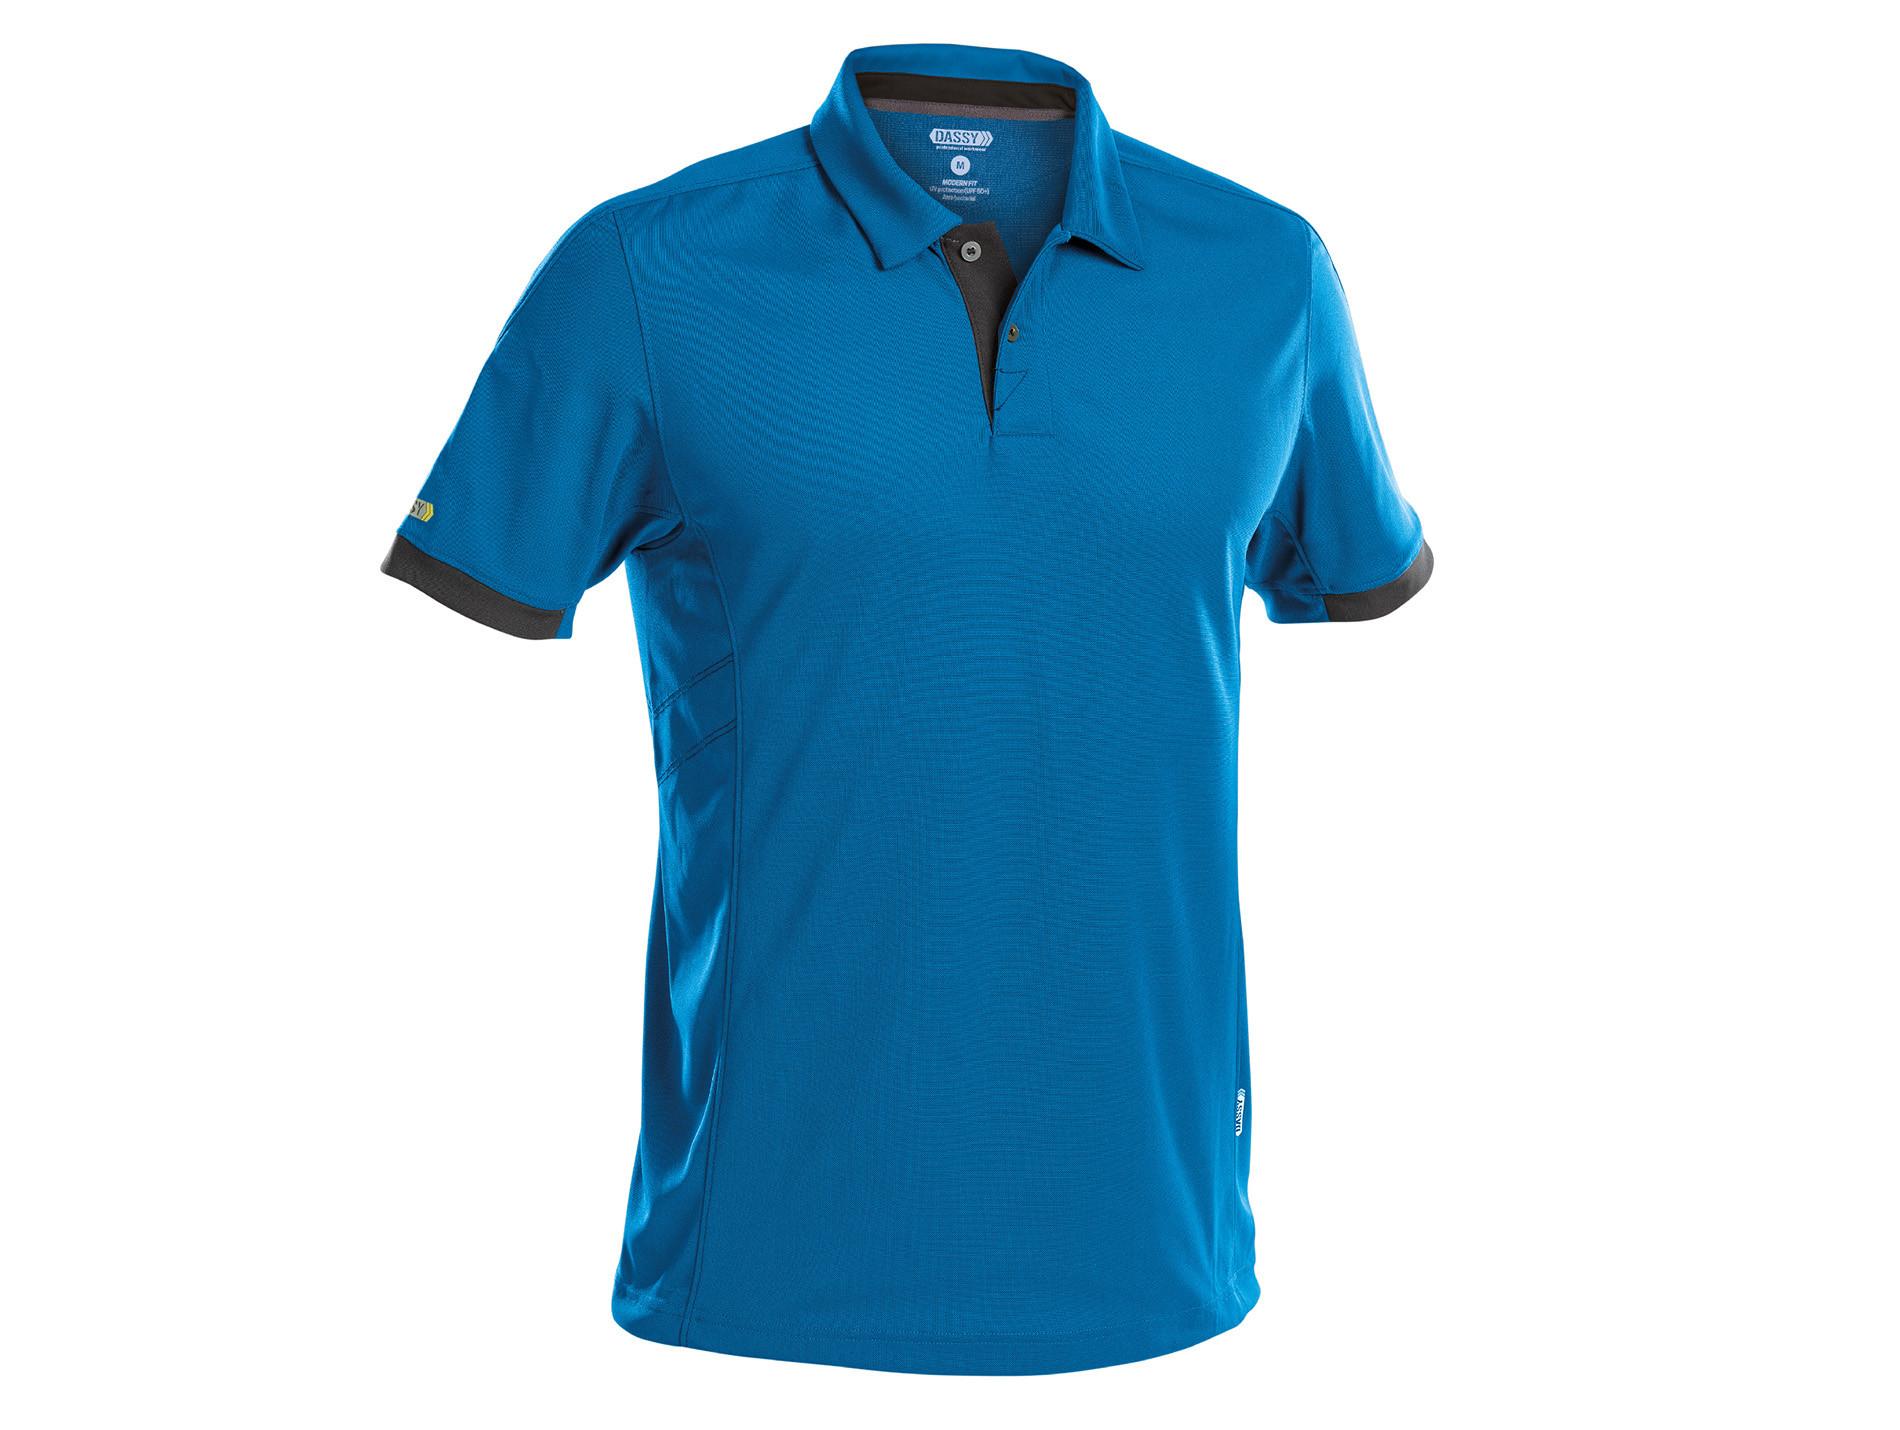 Polo DASSY® Traxion Bleu/gris